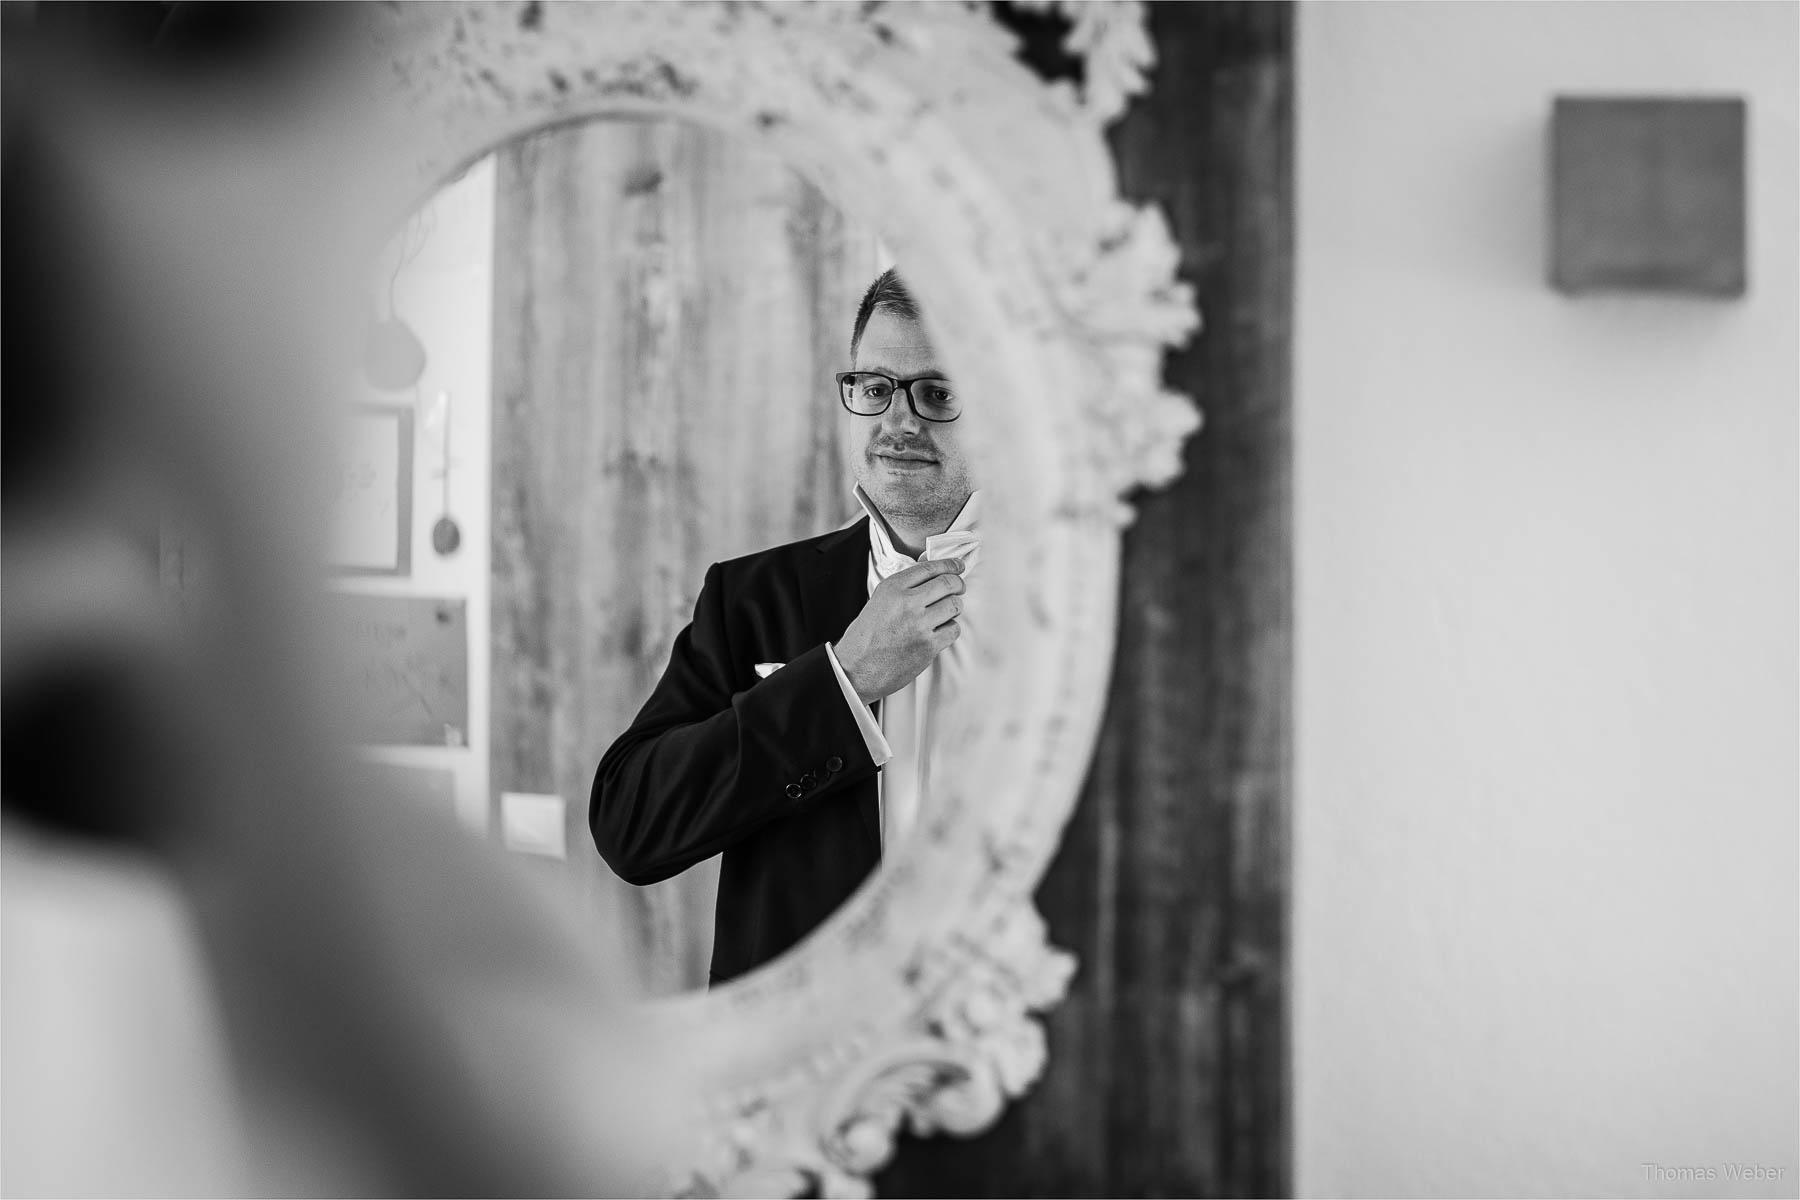 Vorbereitungen und Ankleide des Bräutigams, Kirchliche Hochzeit in Rastede und Hochzeitsfeier in der Scheune St. Georg Rastede, Hochzeitsfotograf Thomas Weber aus Oldenburg